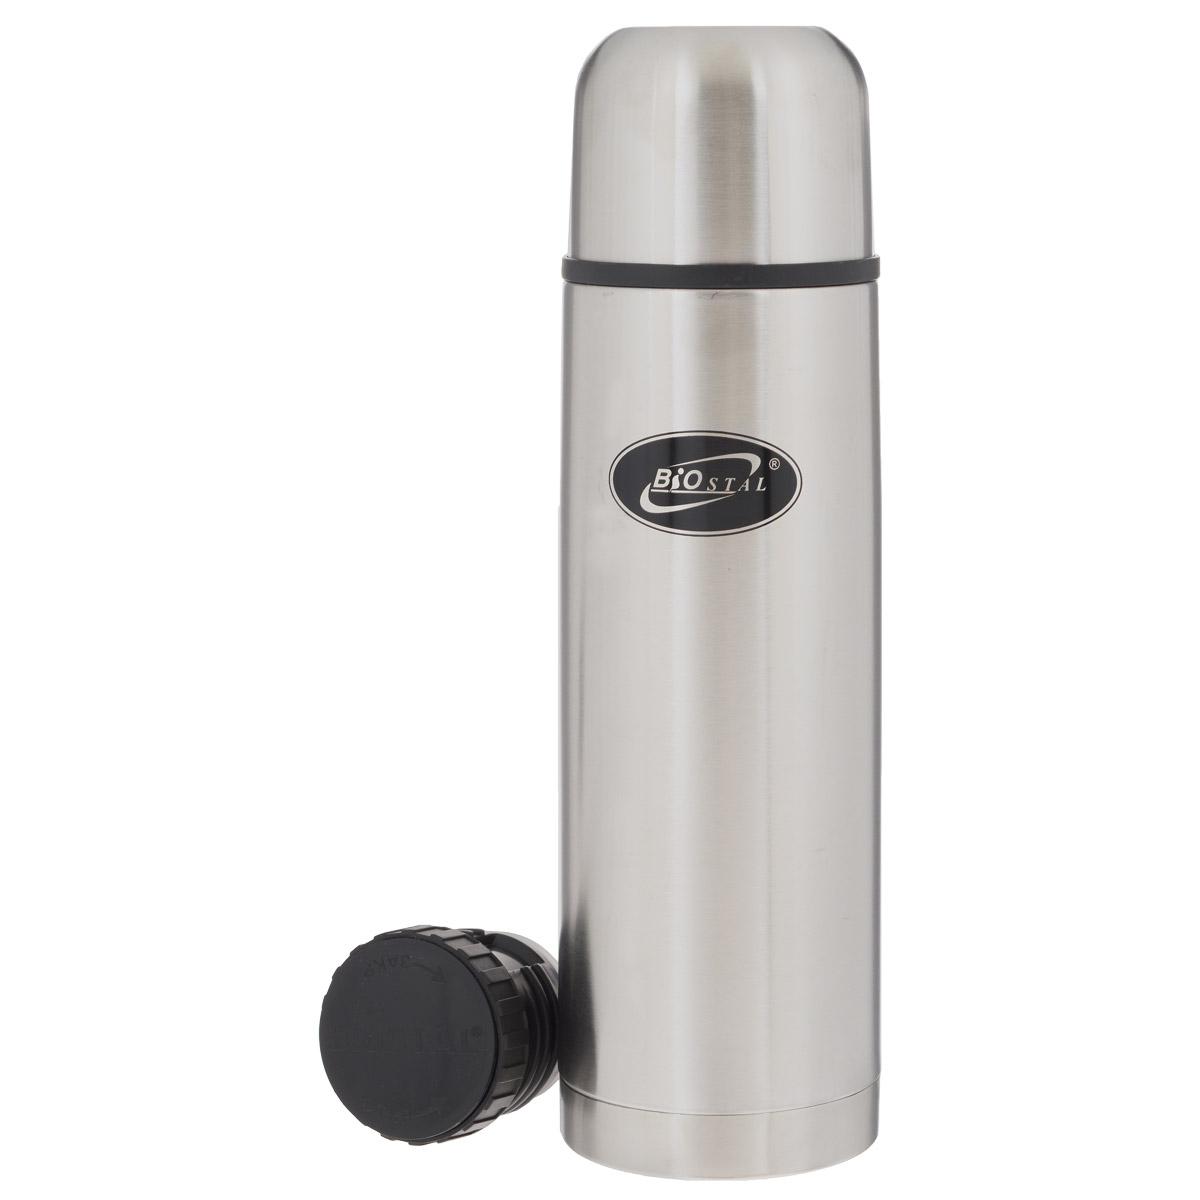 Термос BIOSTAL, 700 мл. NB-750NB-750Термос с узким горлом BIOSTAL, изготовленный из высококачественной нержавеющей стали, относится к классической серии. Термосы этой серии, являющейся лидером продаж, просты в использовании, экономичны и многофункциональны. Термос предназначен для хранения горячих и холодных напитков (чая, кофе) и укомплектован двумя пробками: пробка без кнопки надежна, проста в использовании и позволяет дольше сохранять тепло благодаря дополнительной теплоизоляции, пробка с кнопкой удобна в использовании и позволяет, не отвинчивая ее, наливать напитки после простого нажатия. Изделие также оснащено крышкой- чашкой. Легкий и прочный термос BIOSTAL сохранит ваши напитки горячими или холодными надолго.